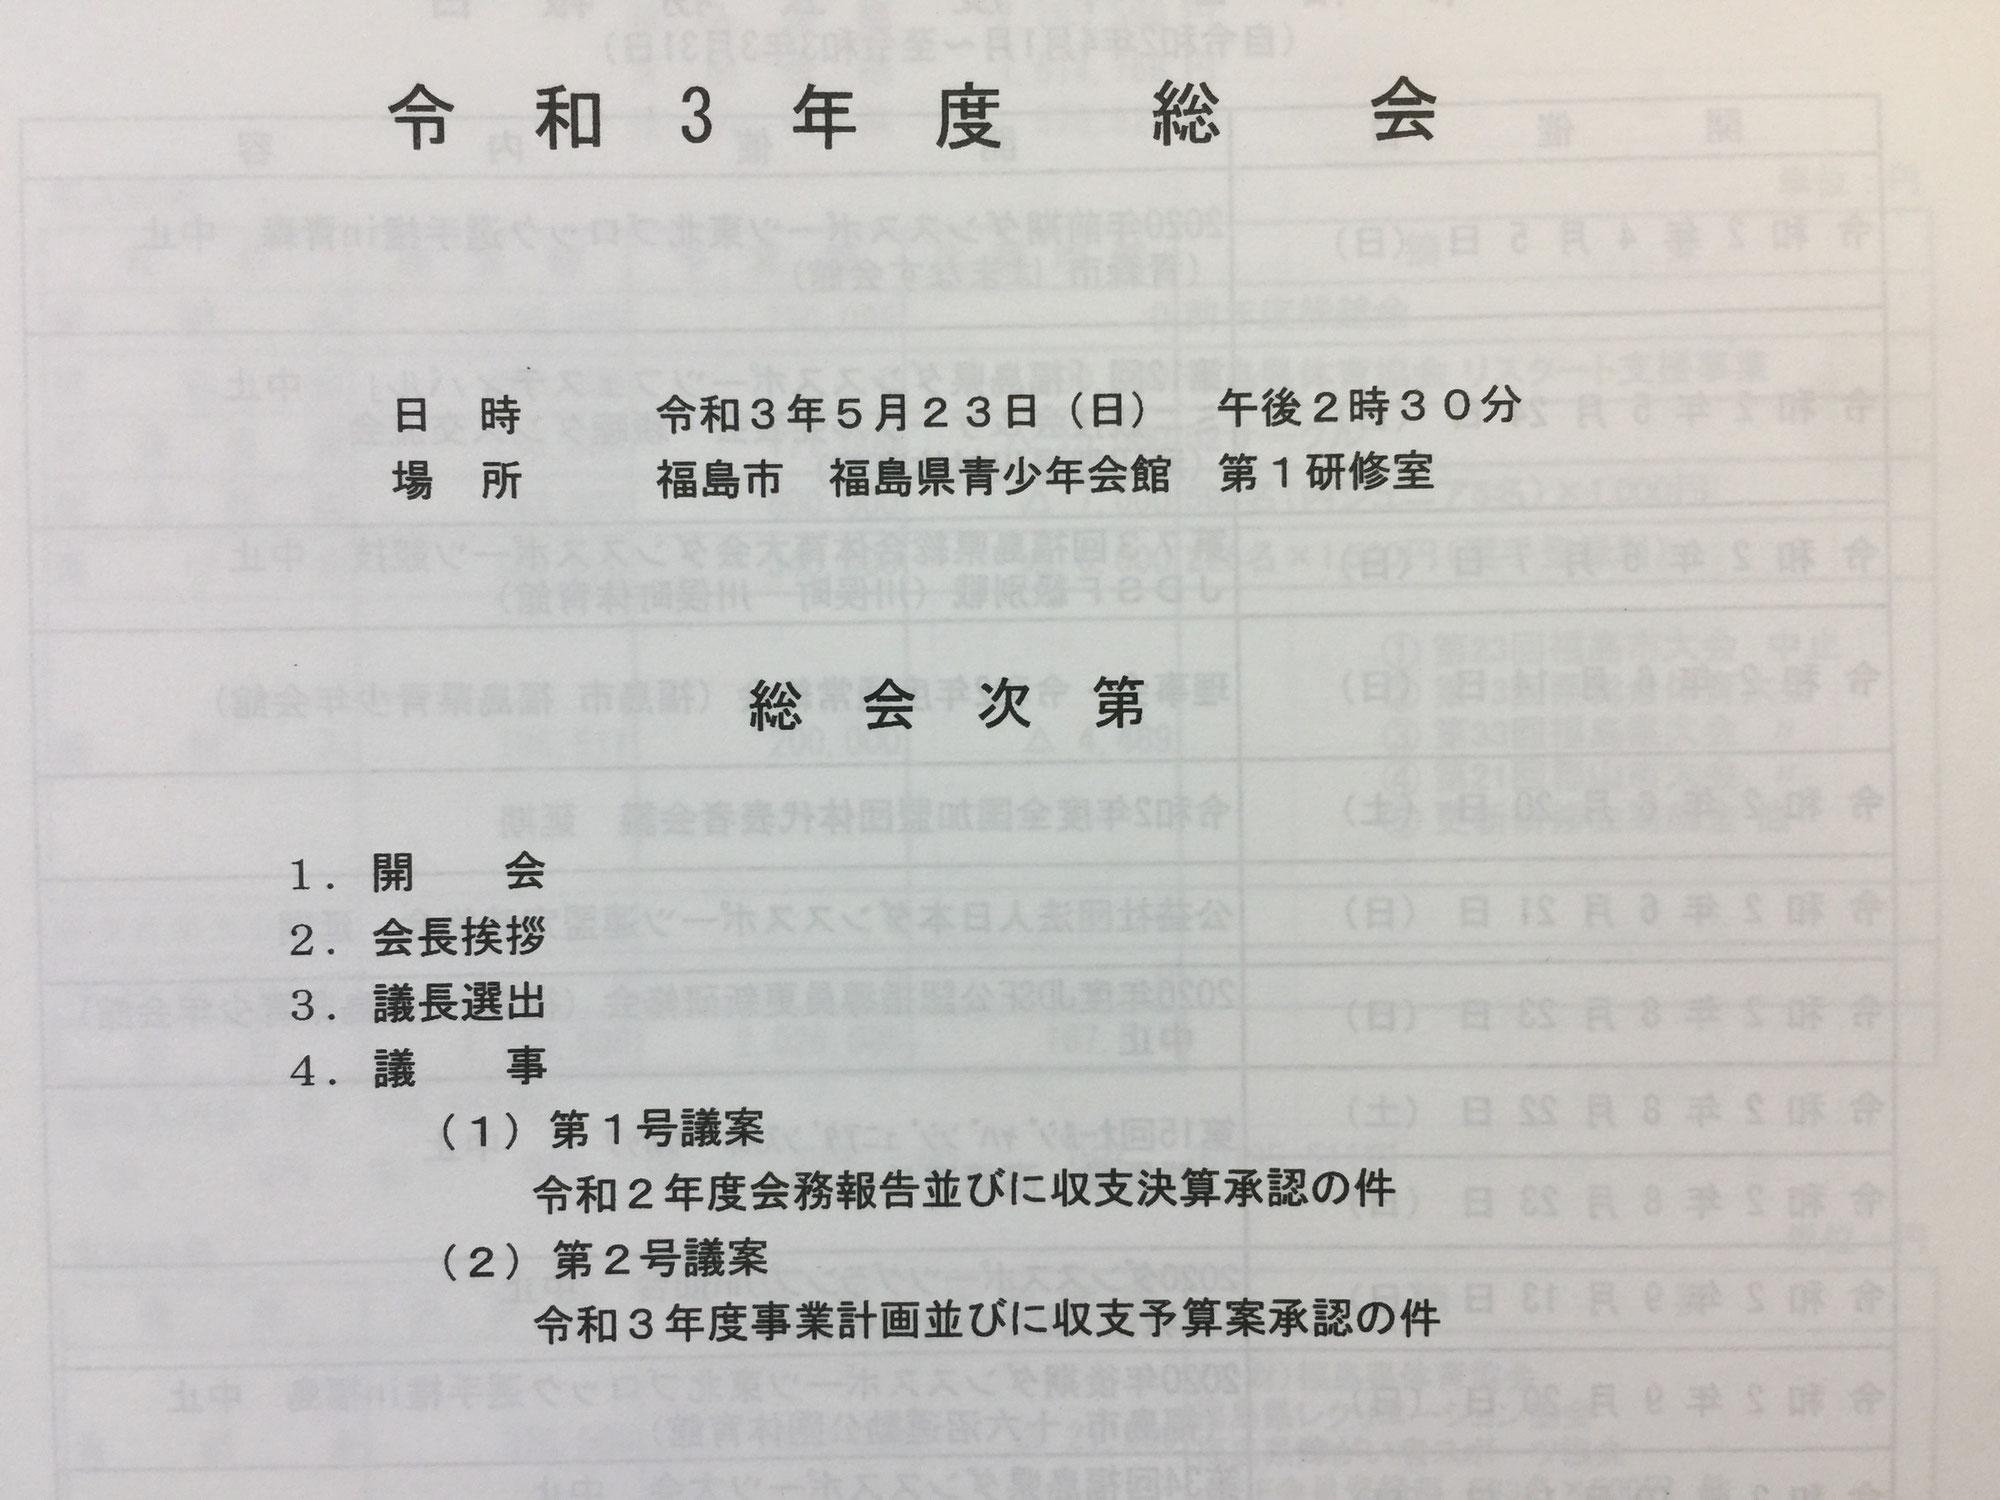 2021.06.01 福島県D S連盟の理事会と総会が開催されました